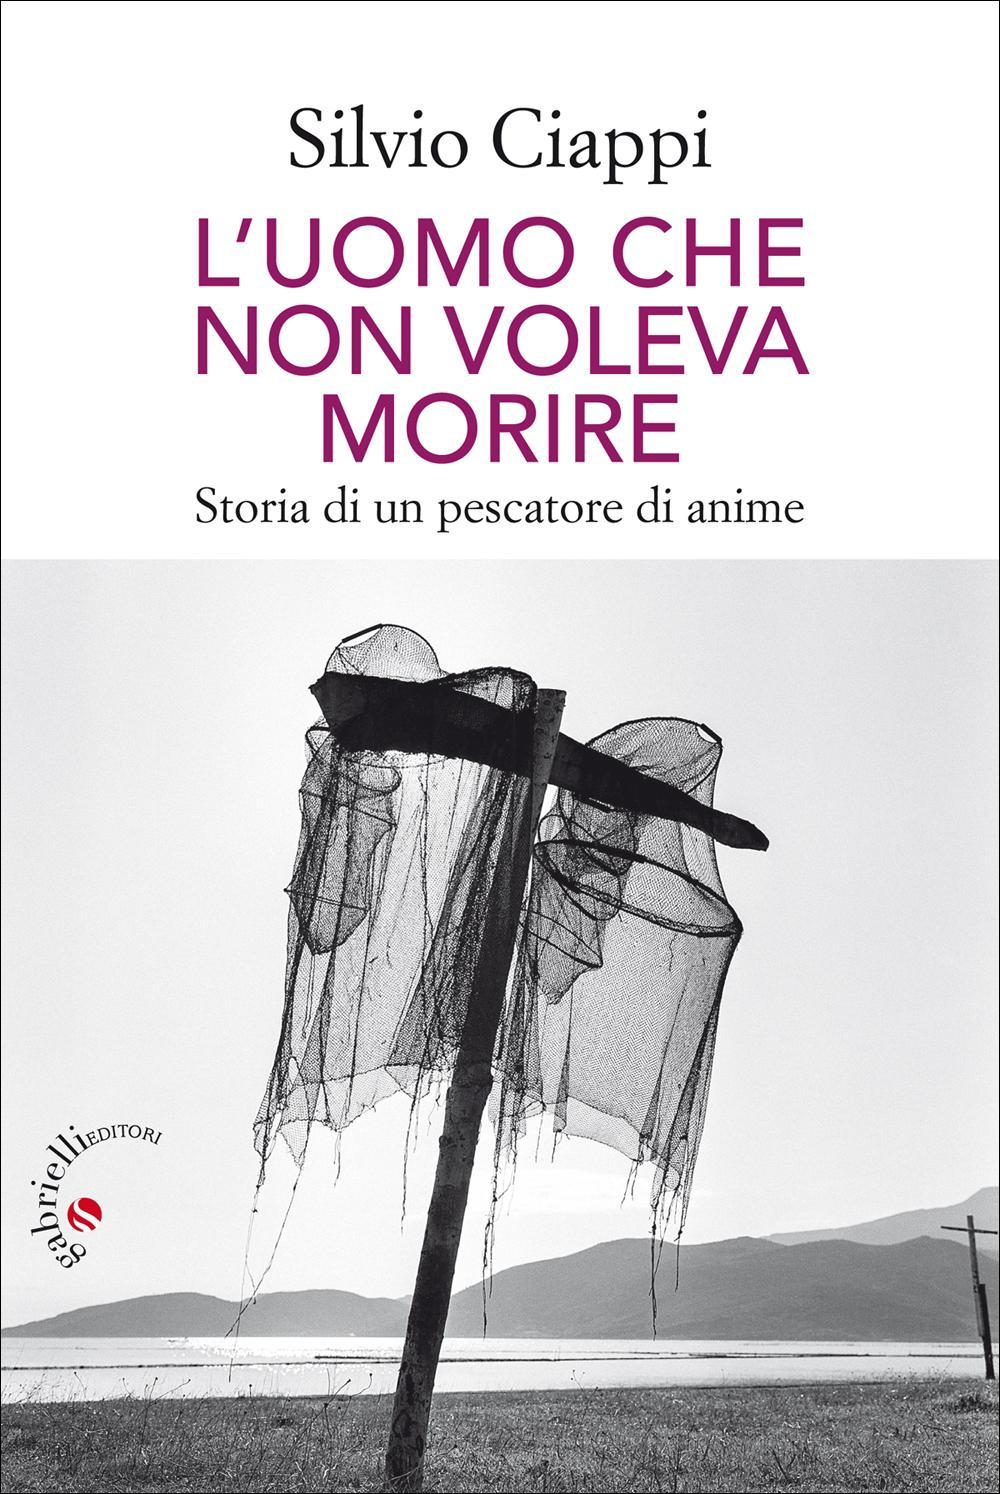 Silvio Ciappi, L'uomo che non voleva morire, Gabrielli, Verona, 2017